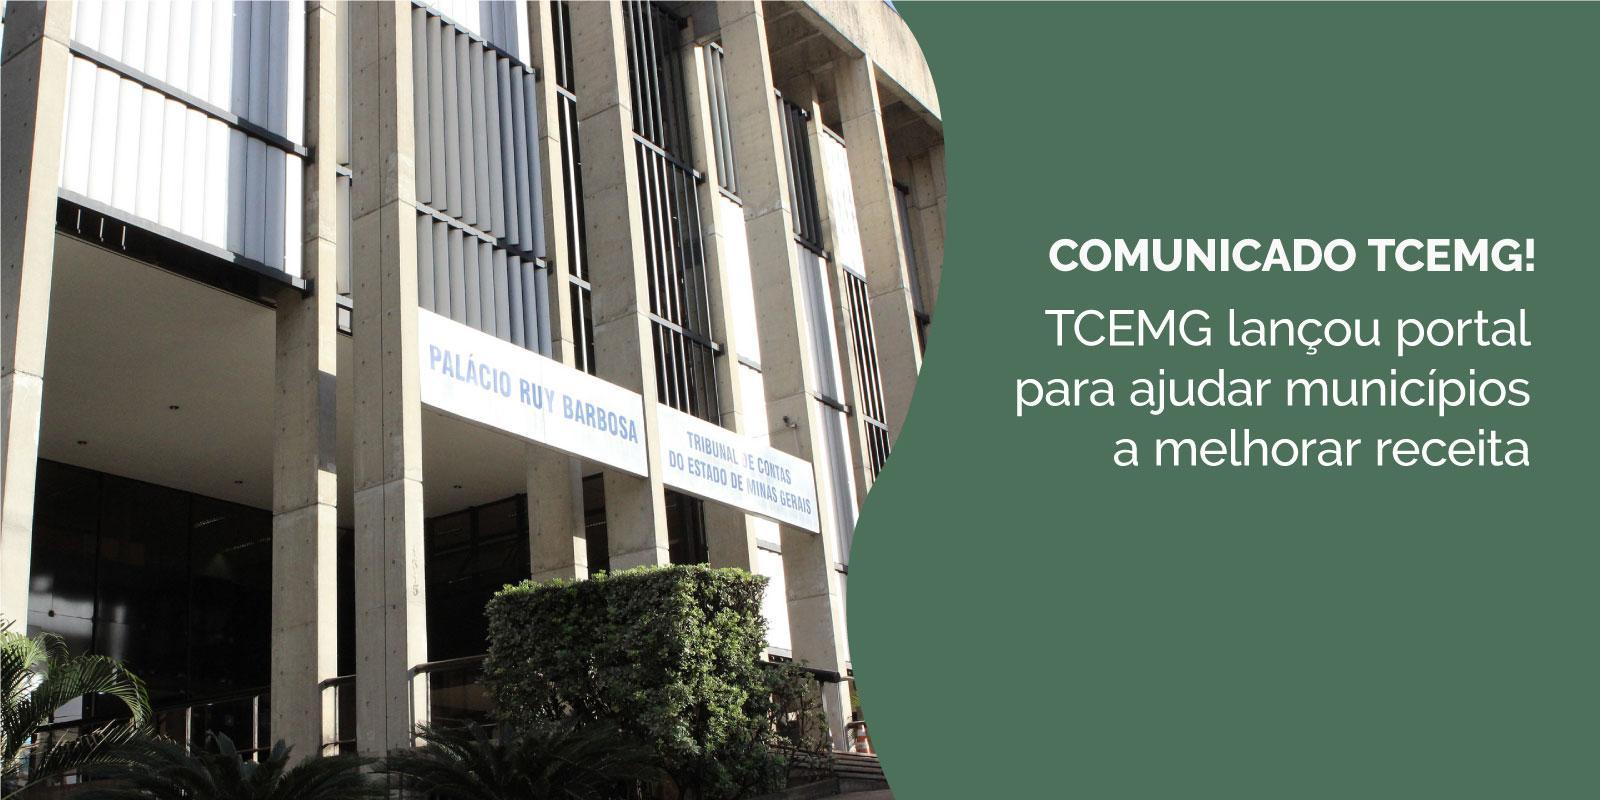 TCEMG lançou portal para ajudar municípios a melhorar receita